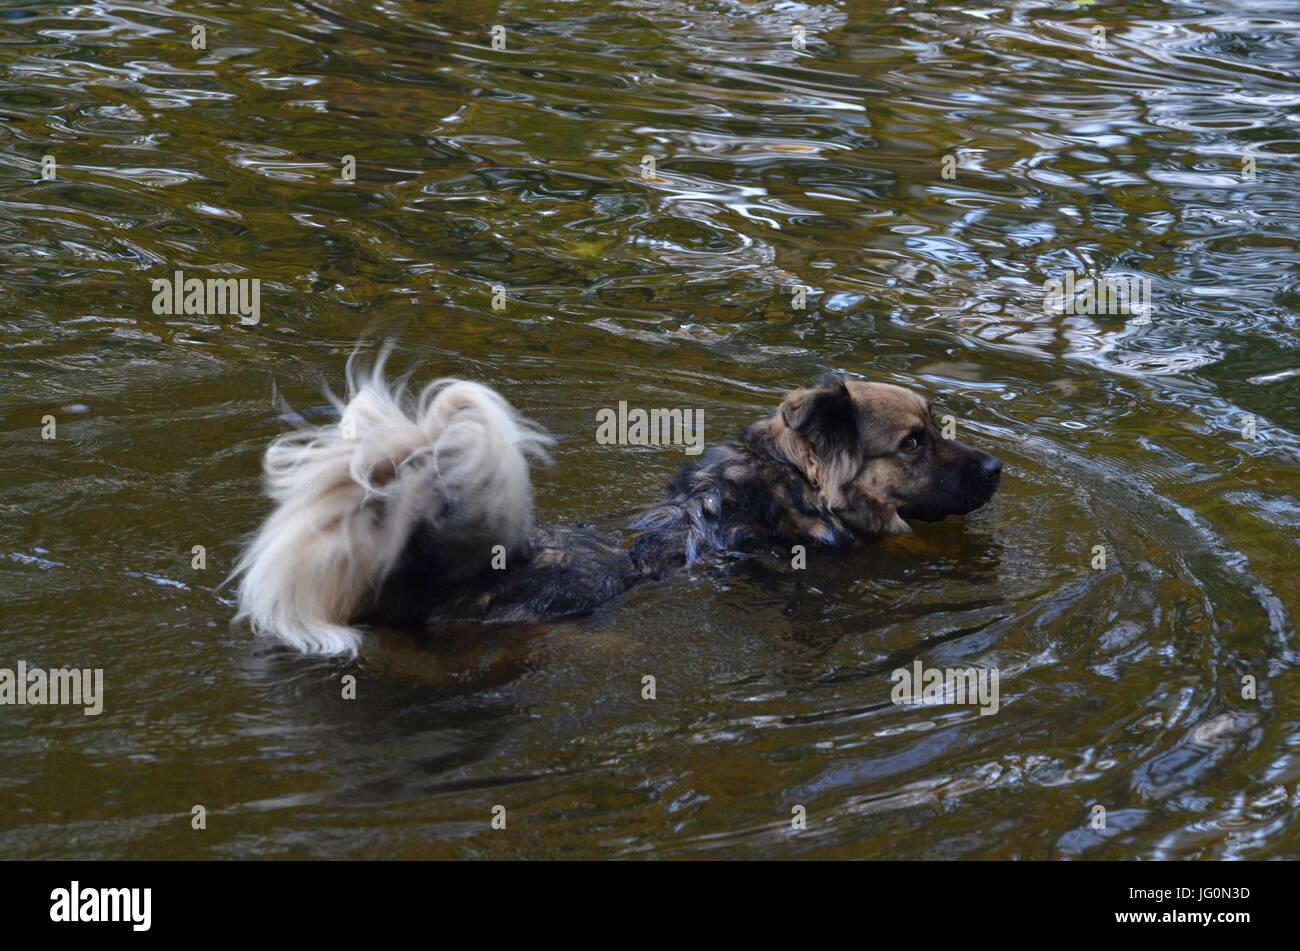 Floating dog in Moewensee in People's Park (Volkspark) Rehberge in Berlin-Wedding from October 31, 2014, Germany - Stock Image